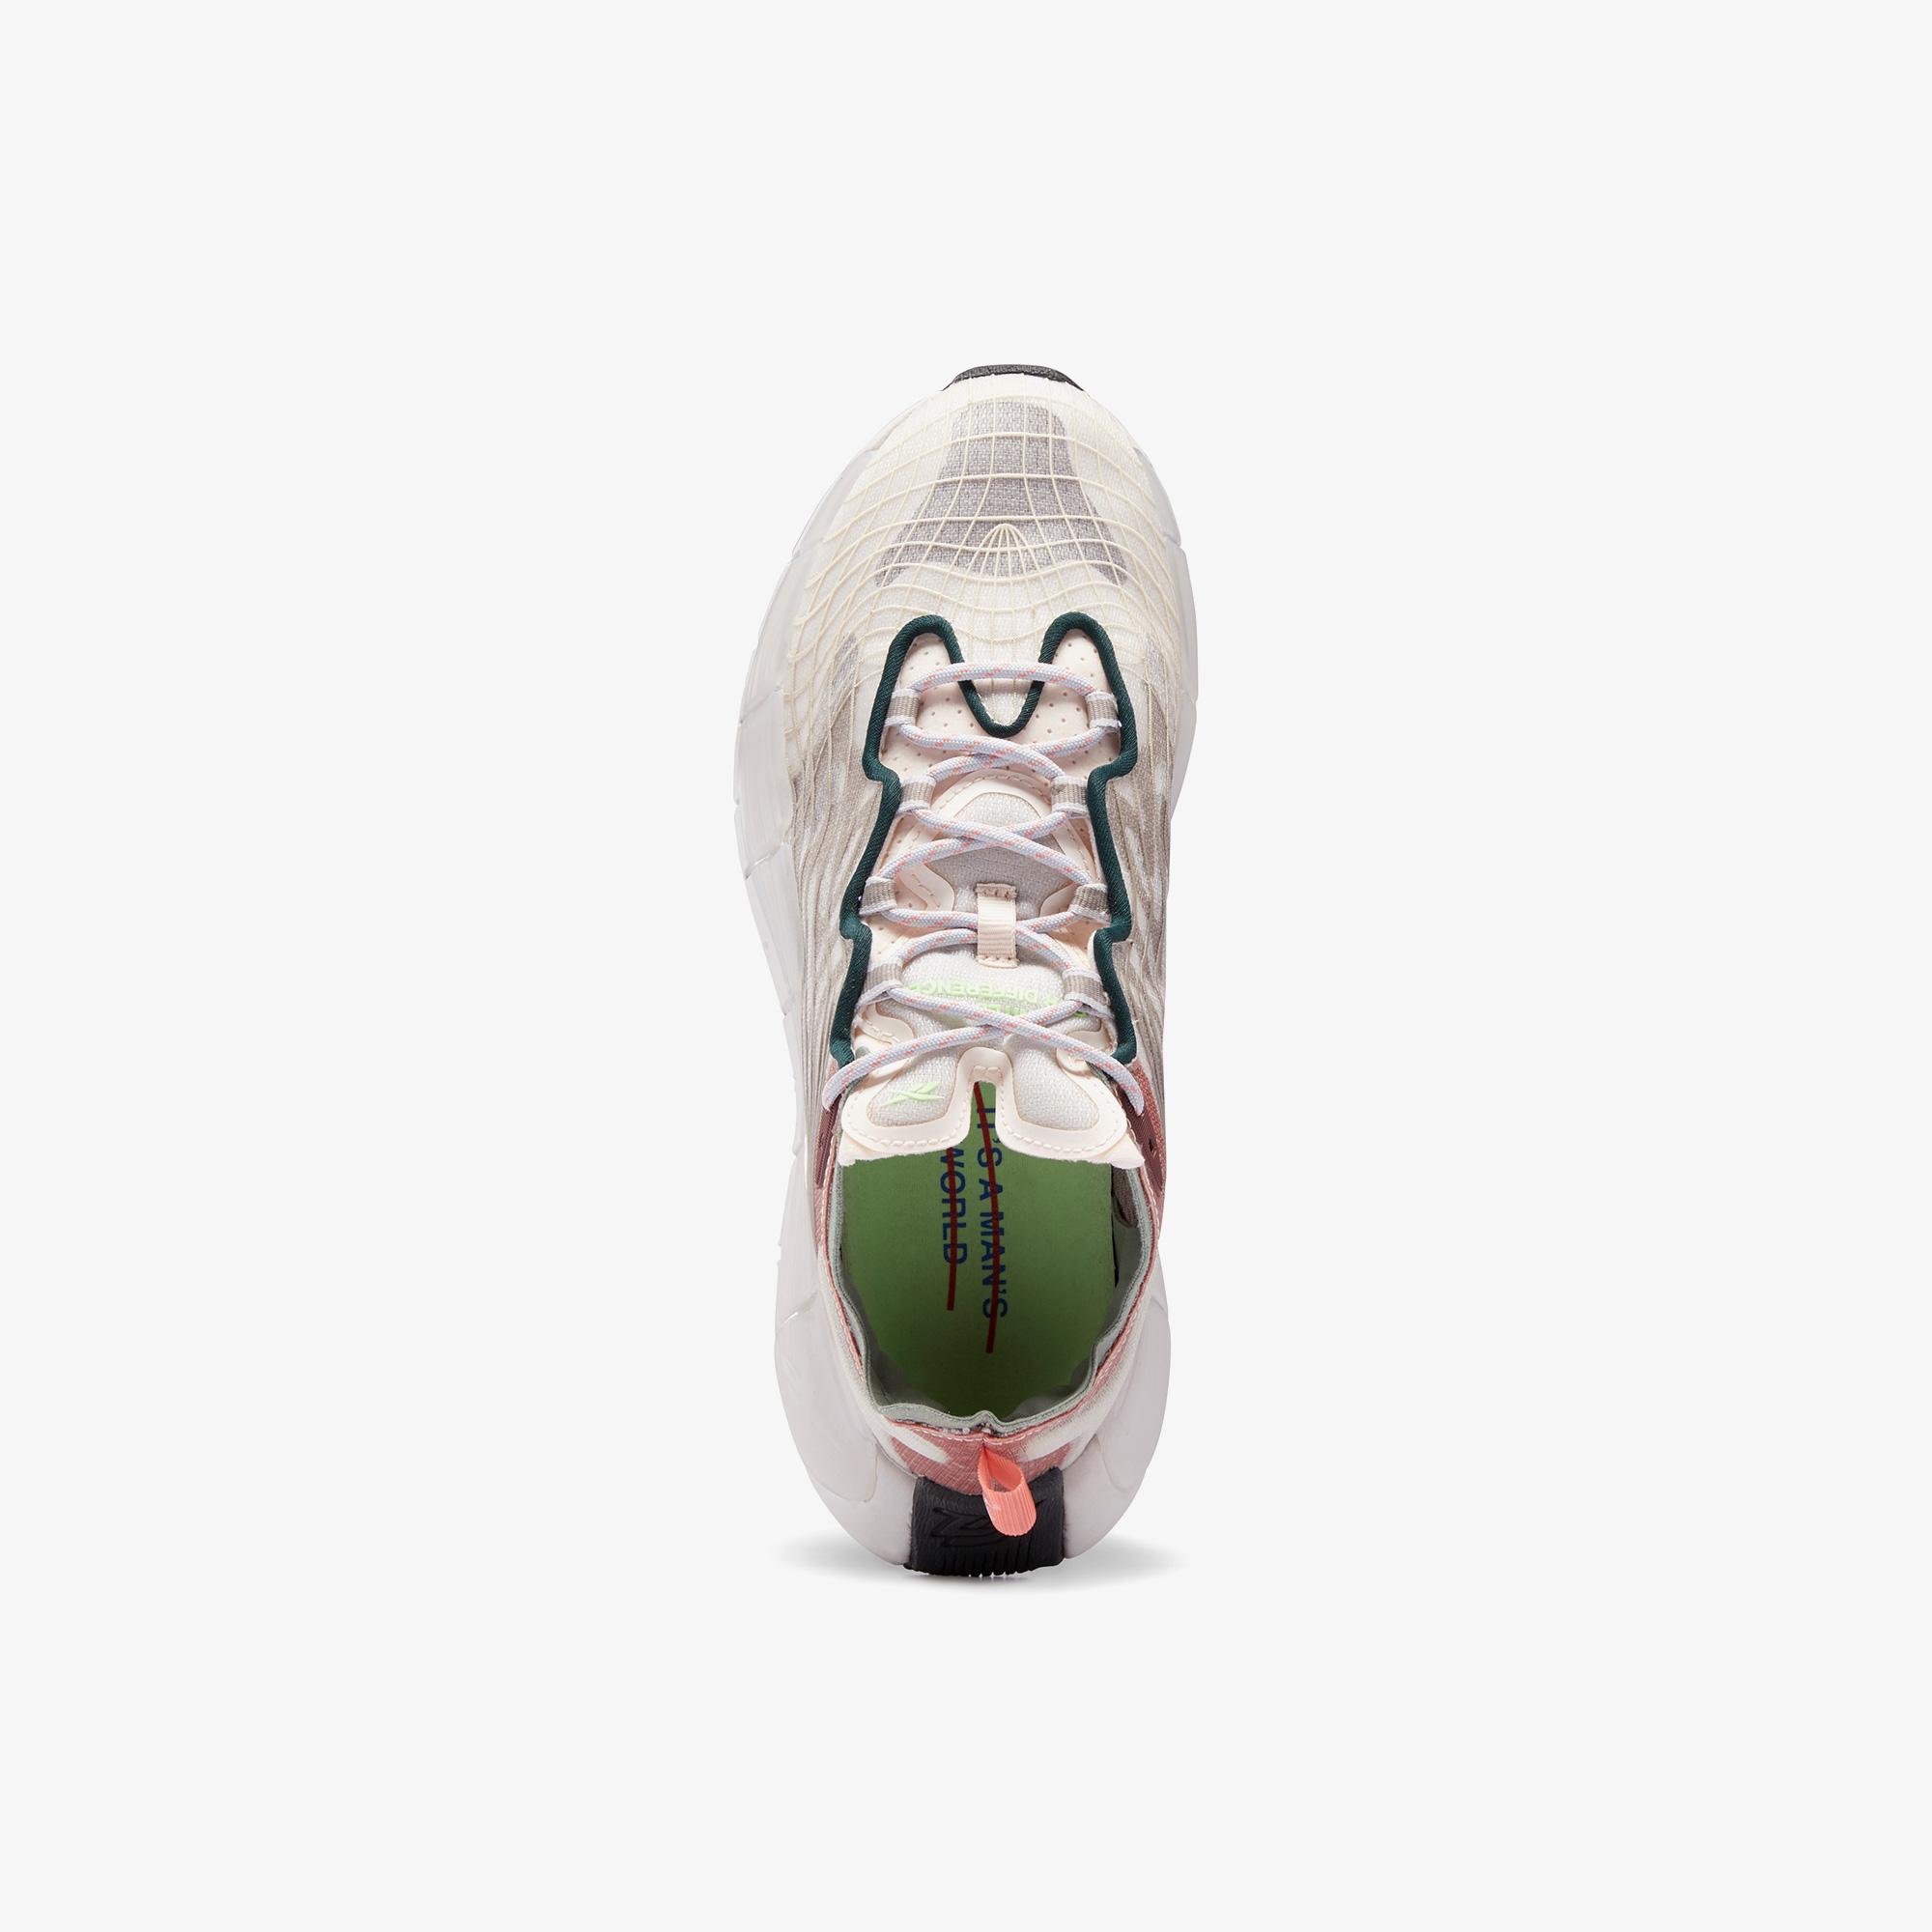 Reebok Zig Kinetica II Kadın Bej Spor Ayakkabı